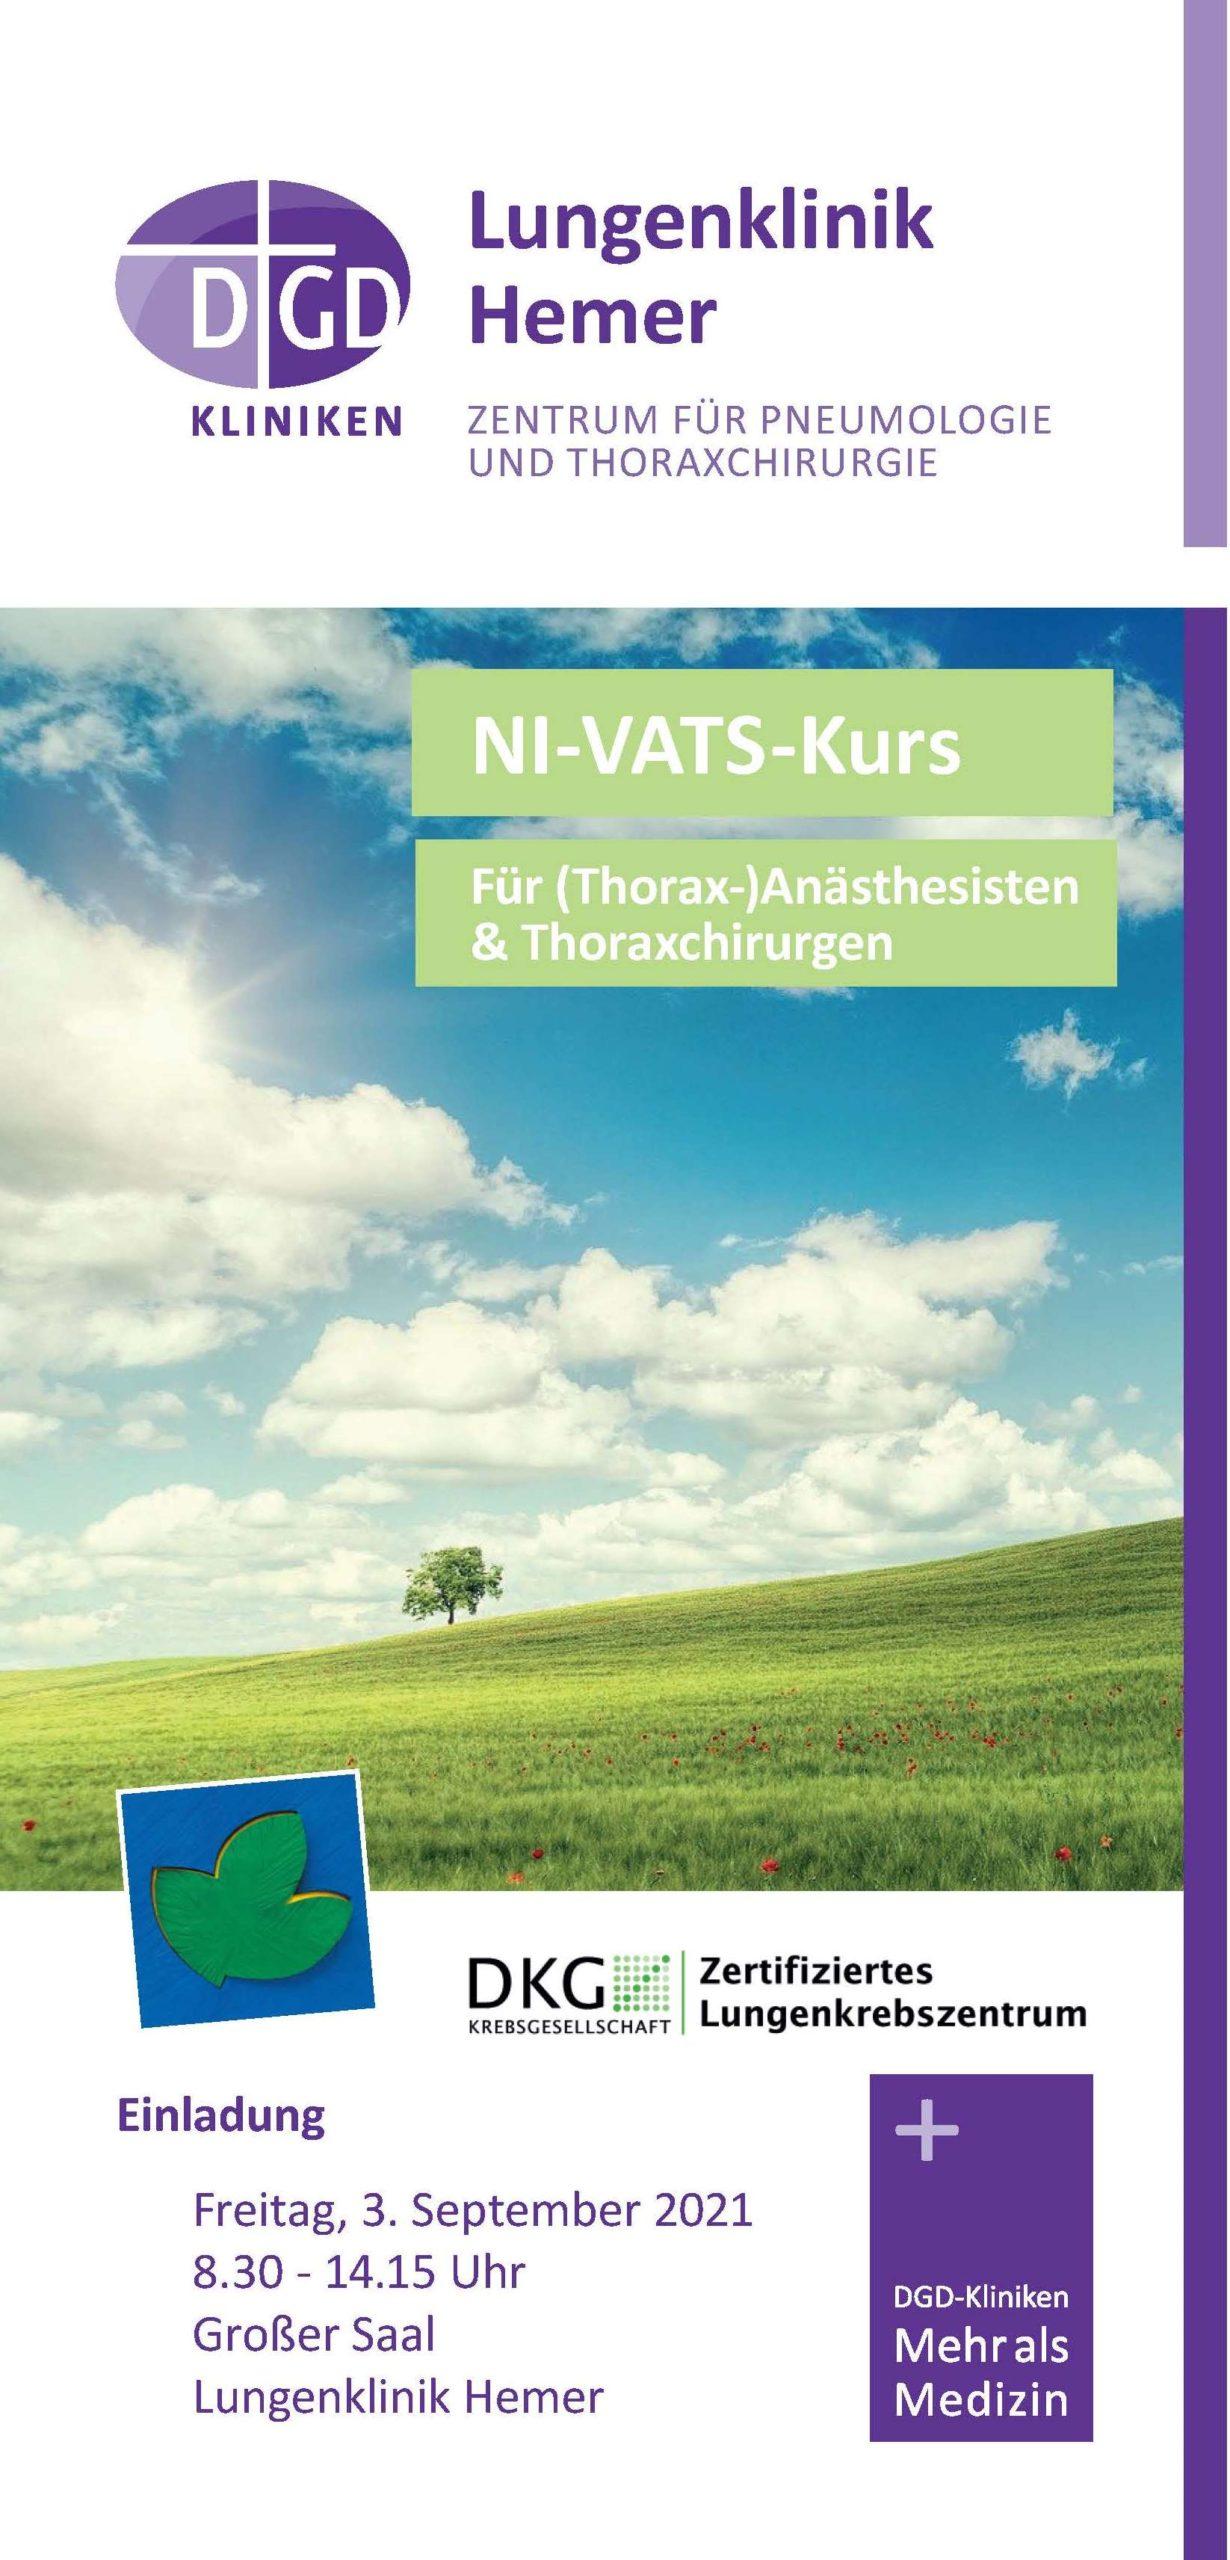 +++ AUSGEBUCHT +++ NI-VATS-Kurs am 3. September 2021 +++